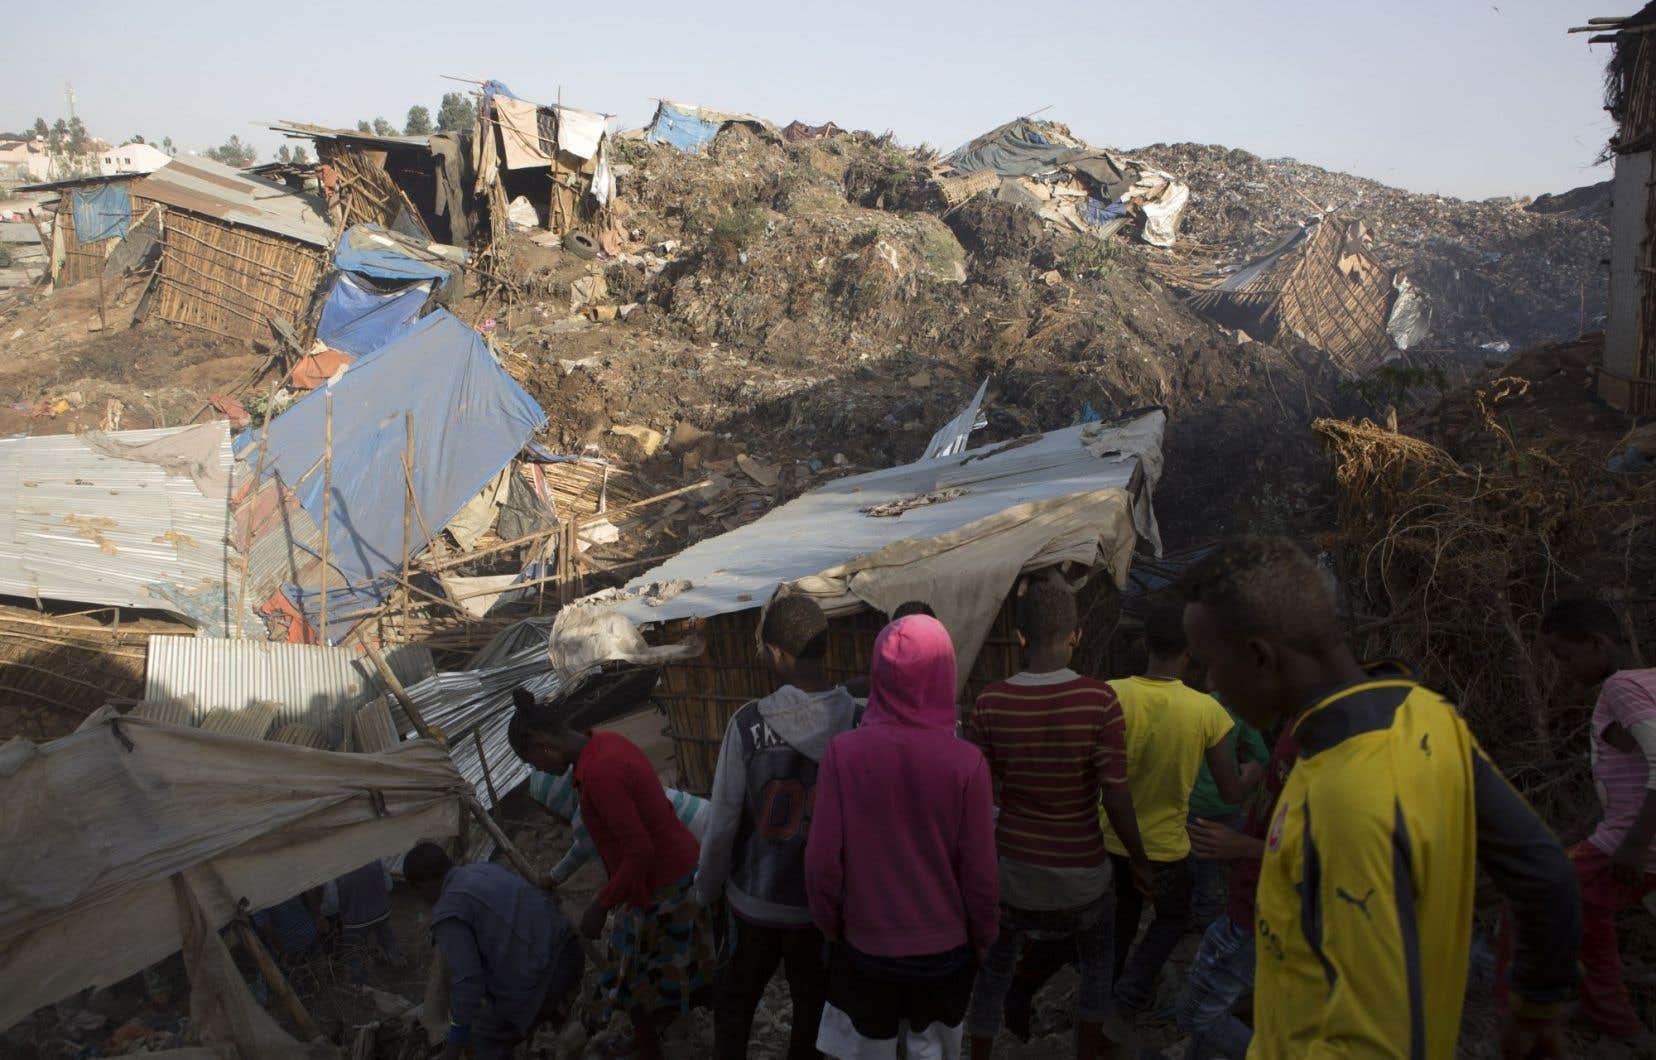 Un flanc de la principale montagne de déchets du dépotoir se serait subitement détaché, emportant les habitations de fortune qui s'y dressaient.